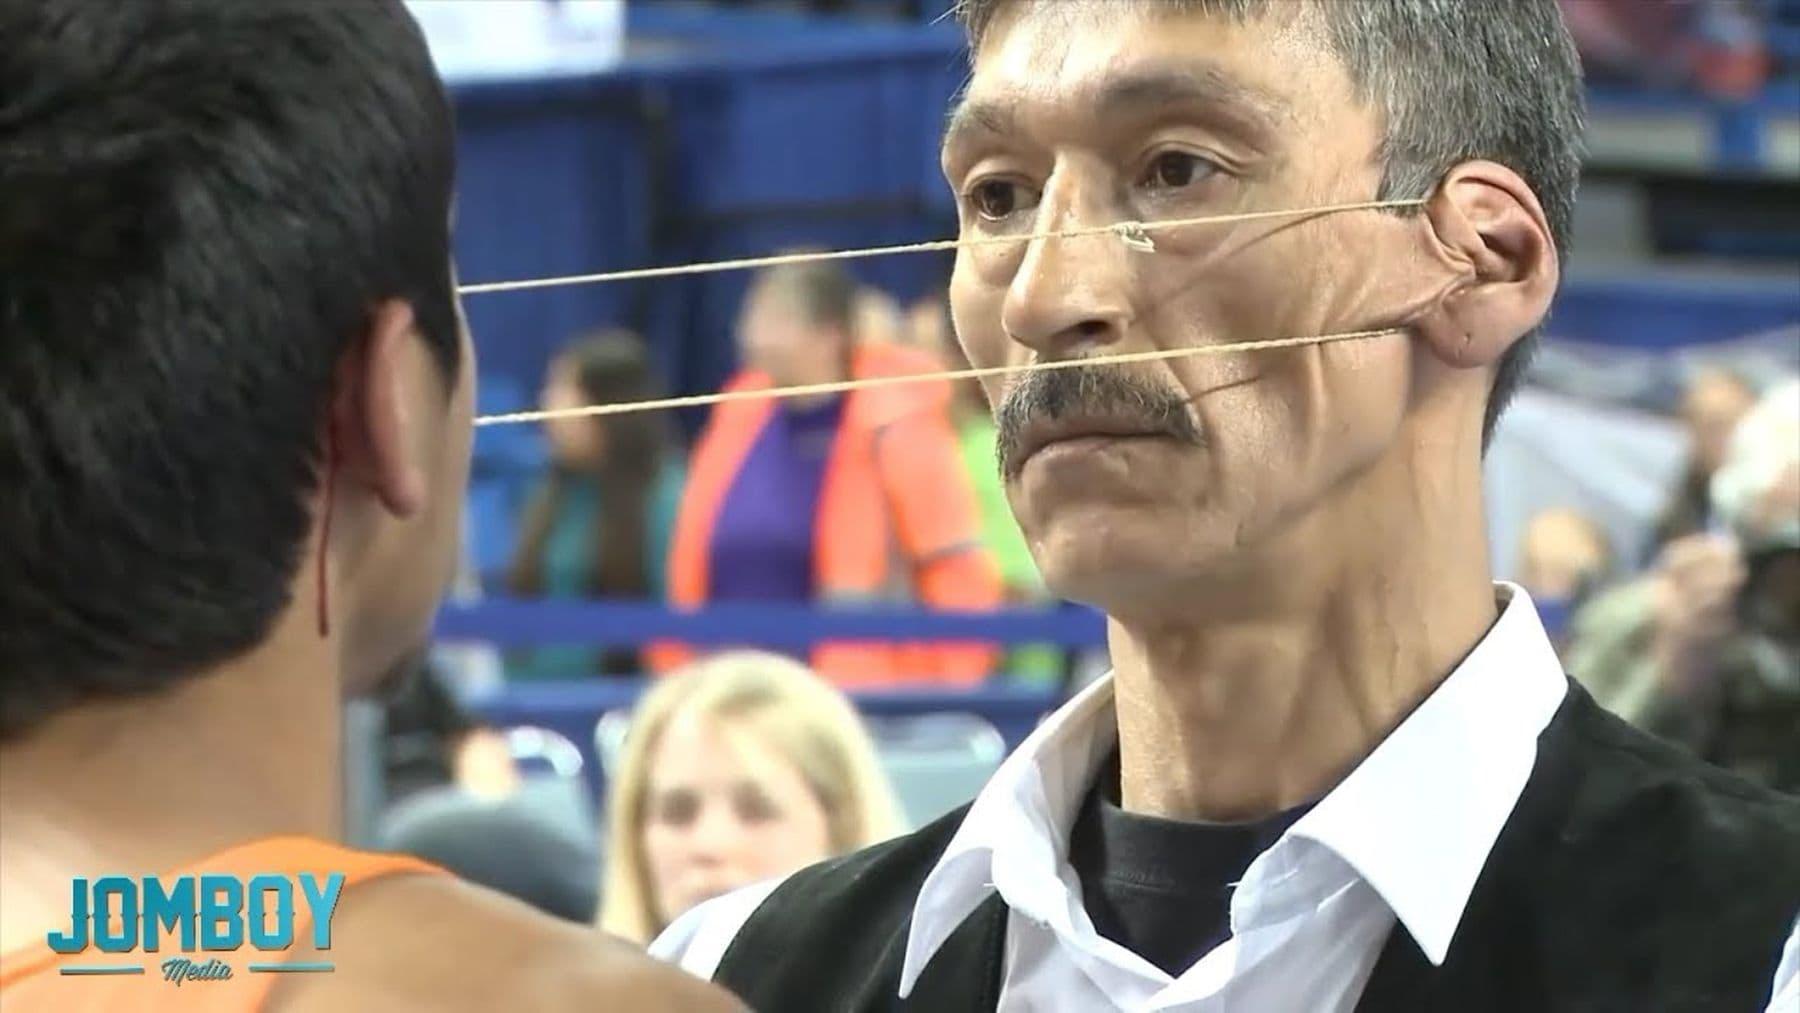 Ein kleiner Blick auf die Ohrzug-Championship 2012 | WTF | Was is hier eigentlich los?